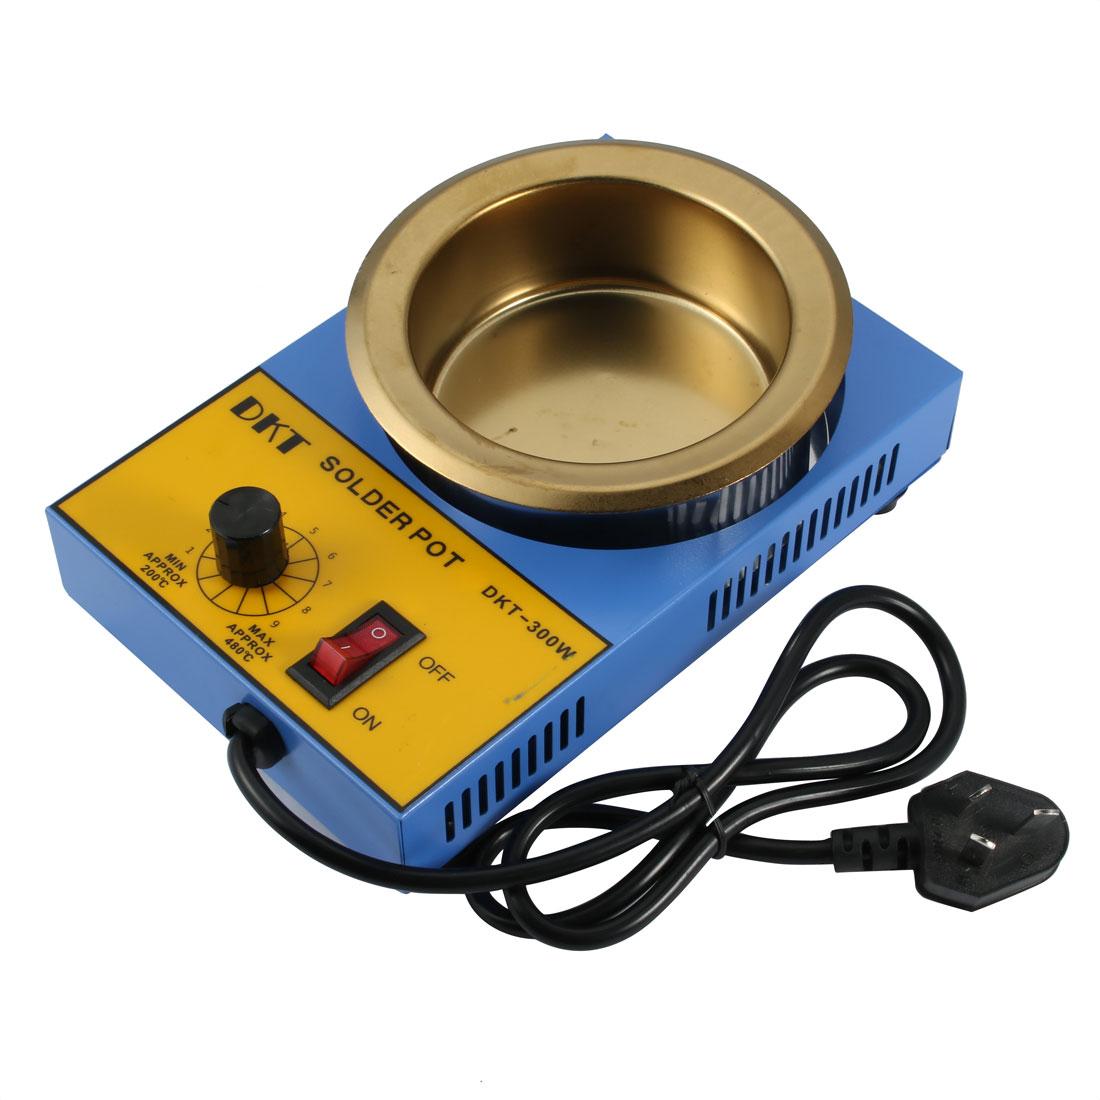 AC 220V 50HZ 300W Round Solder Pot Soldering Desoldering Base Blue Gold